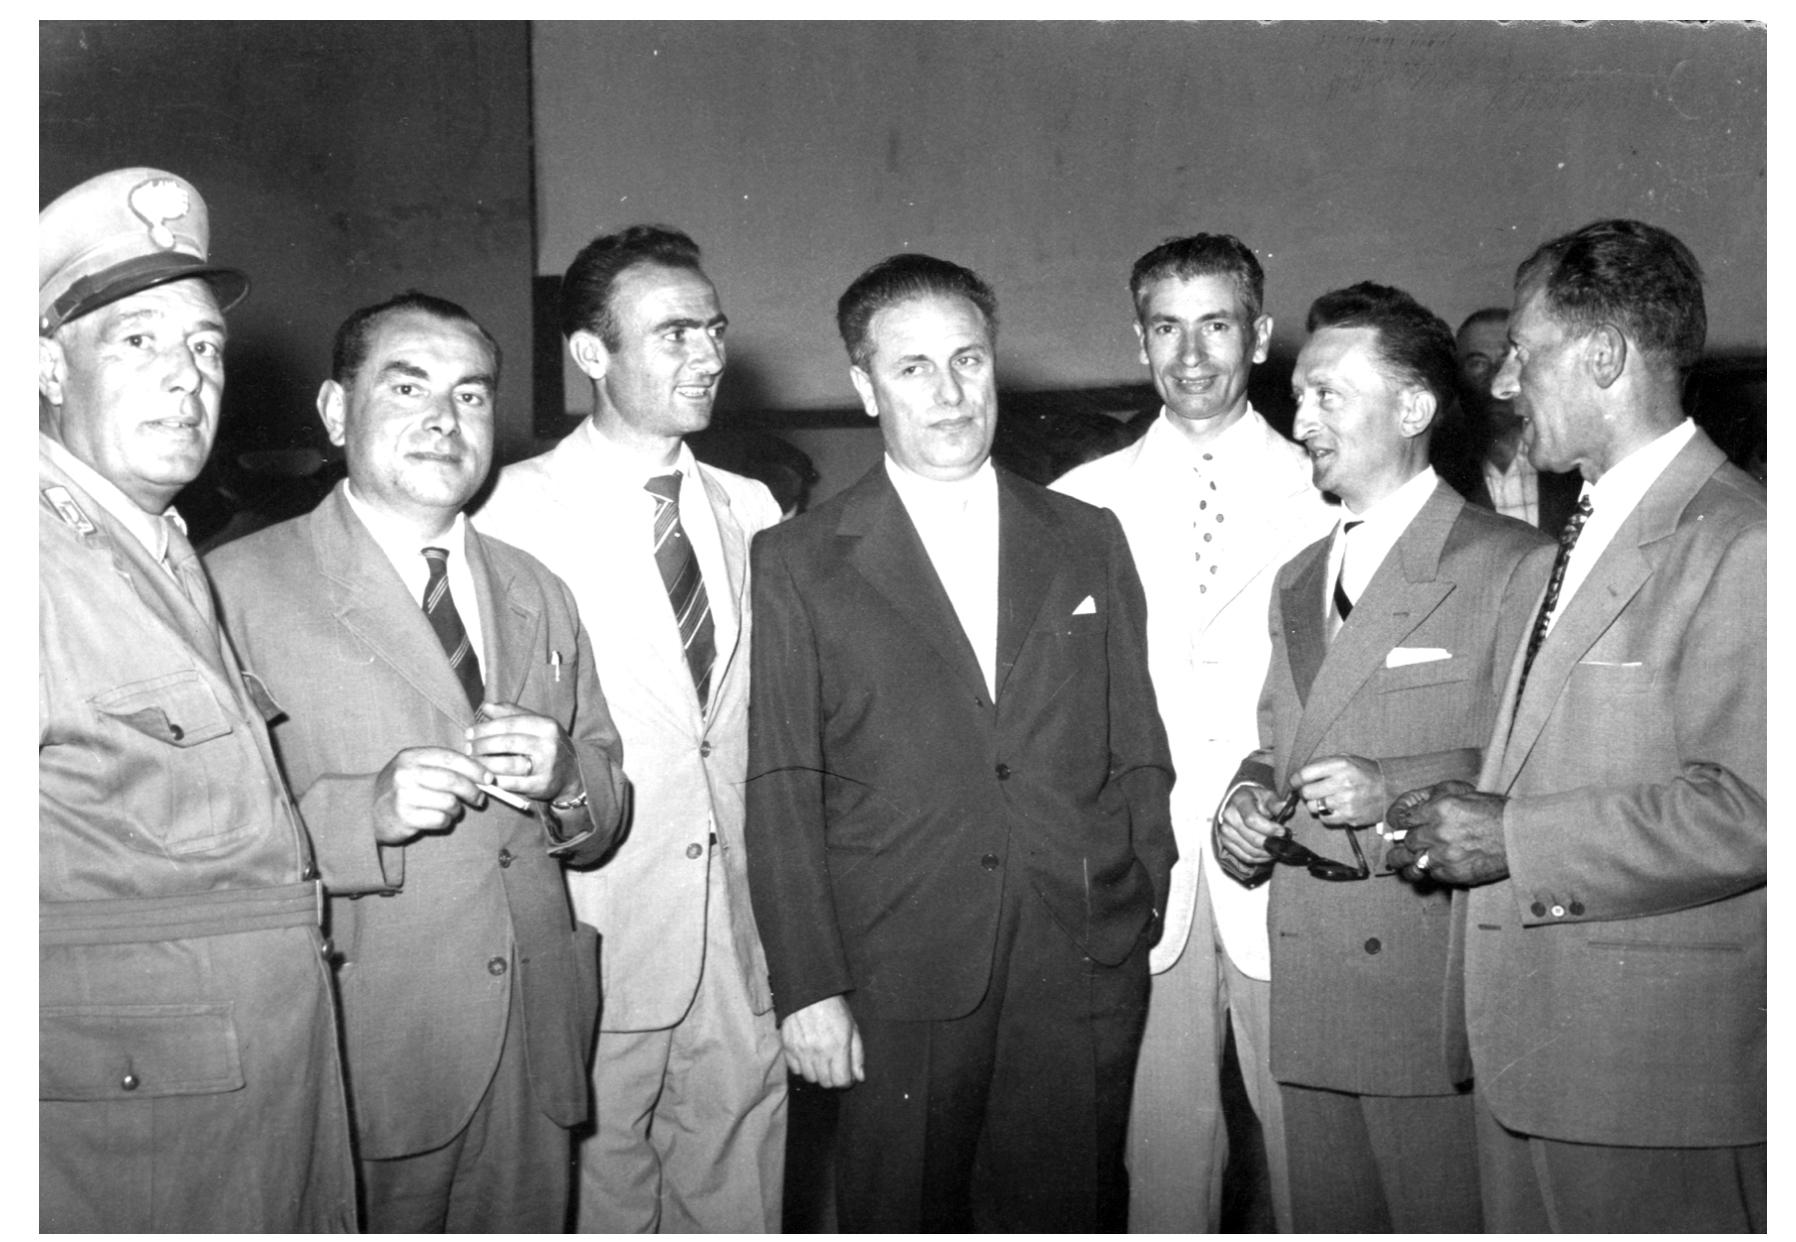 1957 Inaugurazione Filiale della Cassa Risparmio Firenze in Rigutino